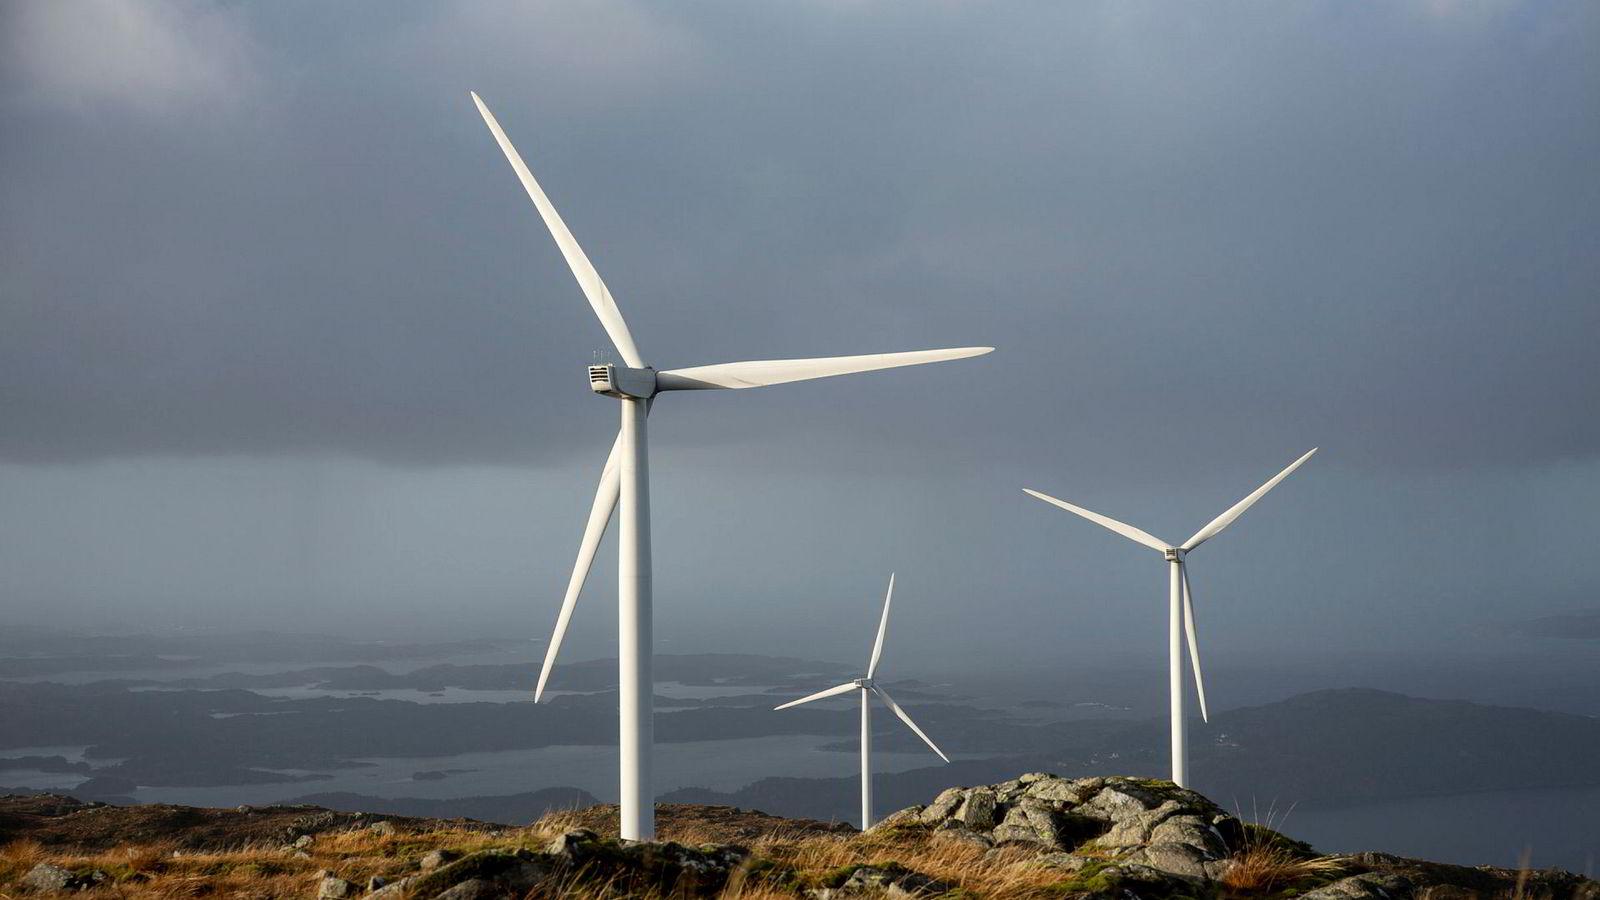 Skal Norge nå klimamålene vi har forpliktet oss til, må Norge fortsette med elektrifiseringen nå. Vindmøller på land er en avgjørende del av den løsningen, skriver artikkelforfatteren. Her fra Midtfjellet vindpark på Fitjar i Hordaland.